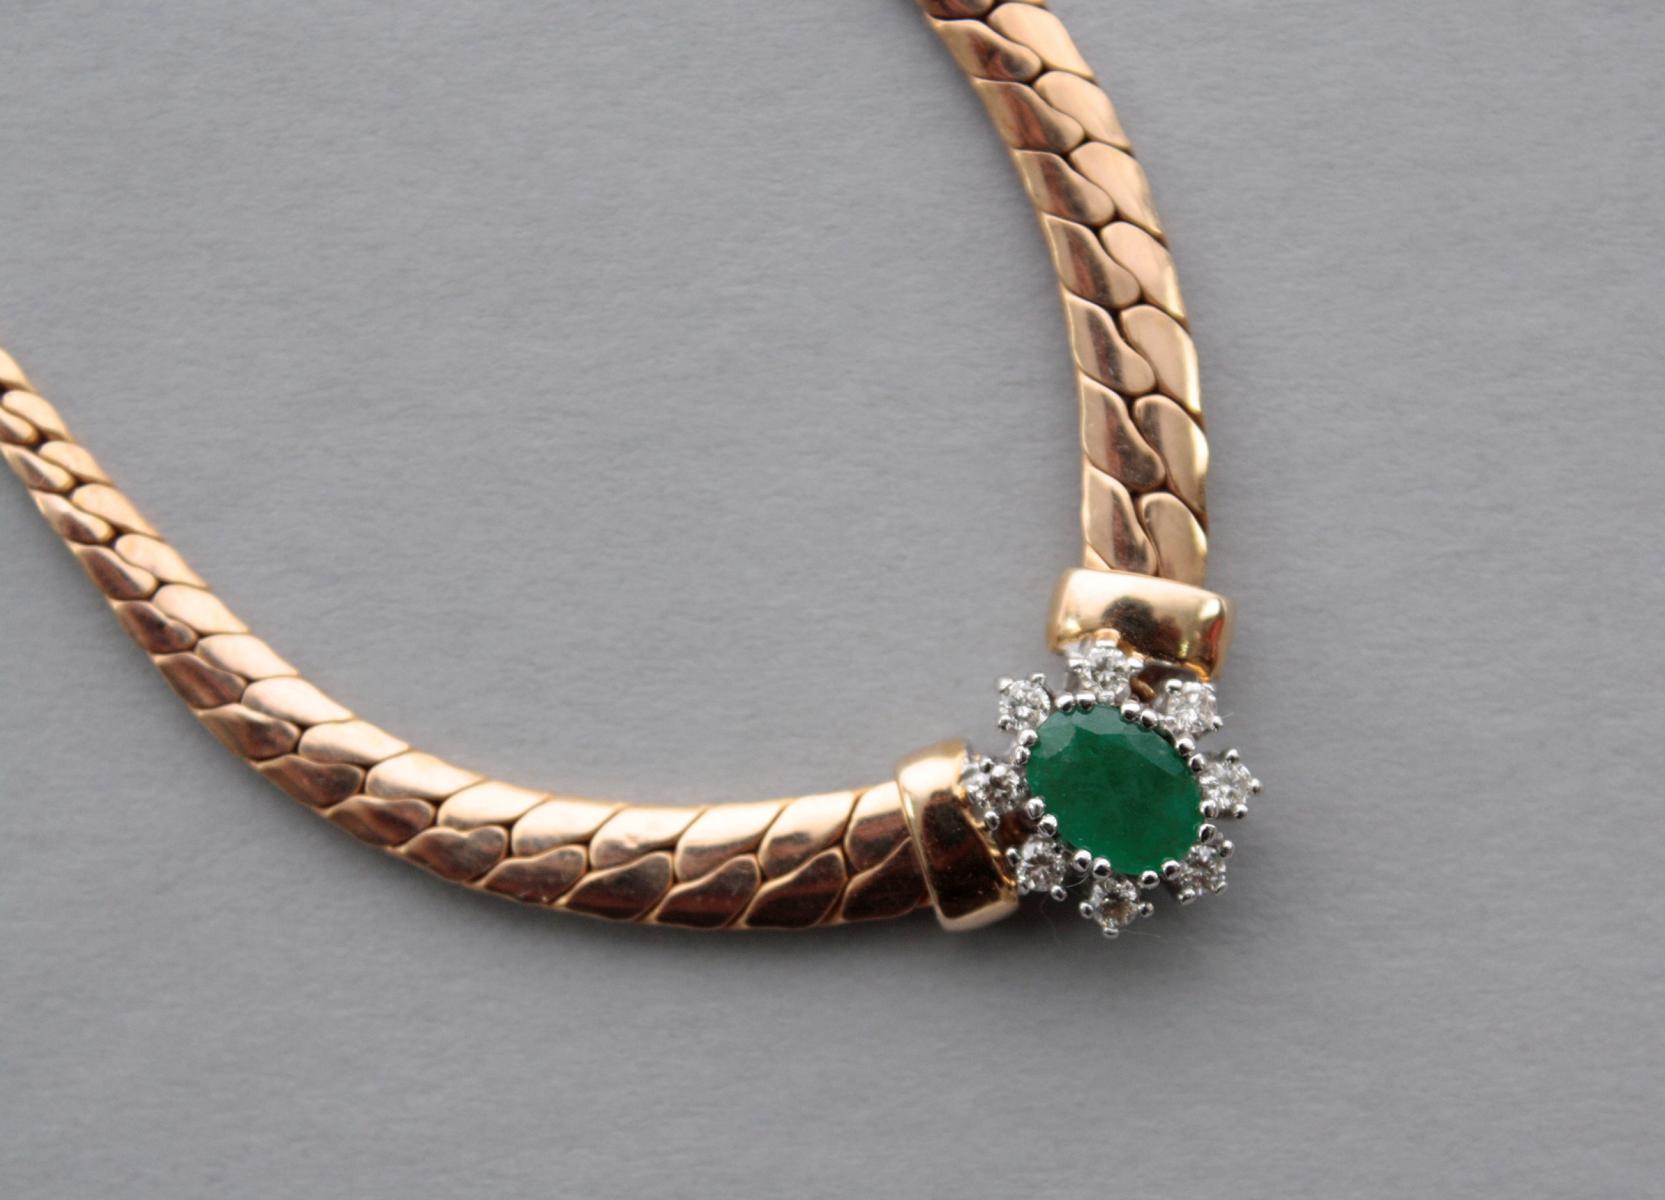 Collier mit Smaragd und Diamanten  14 Karat Gelbgold-3